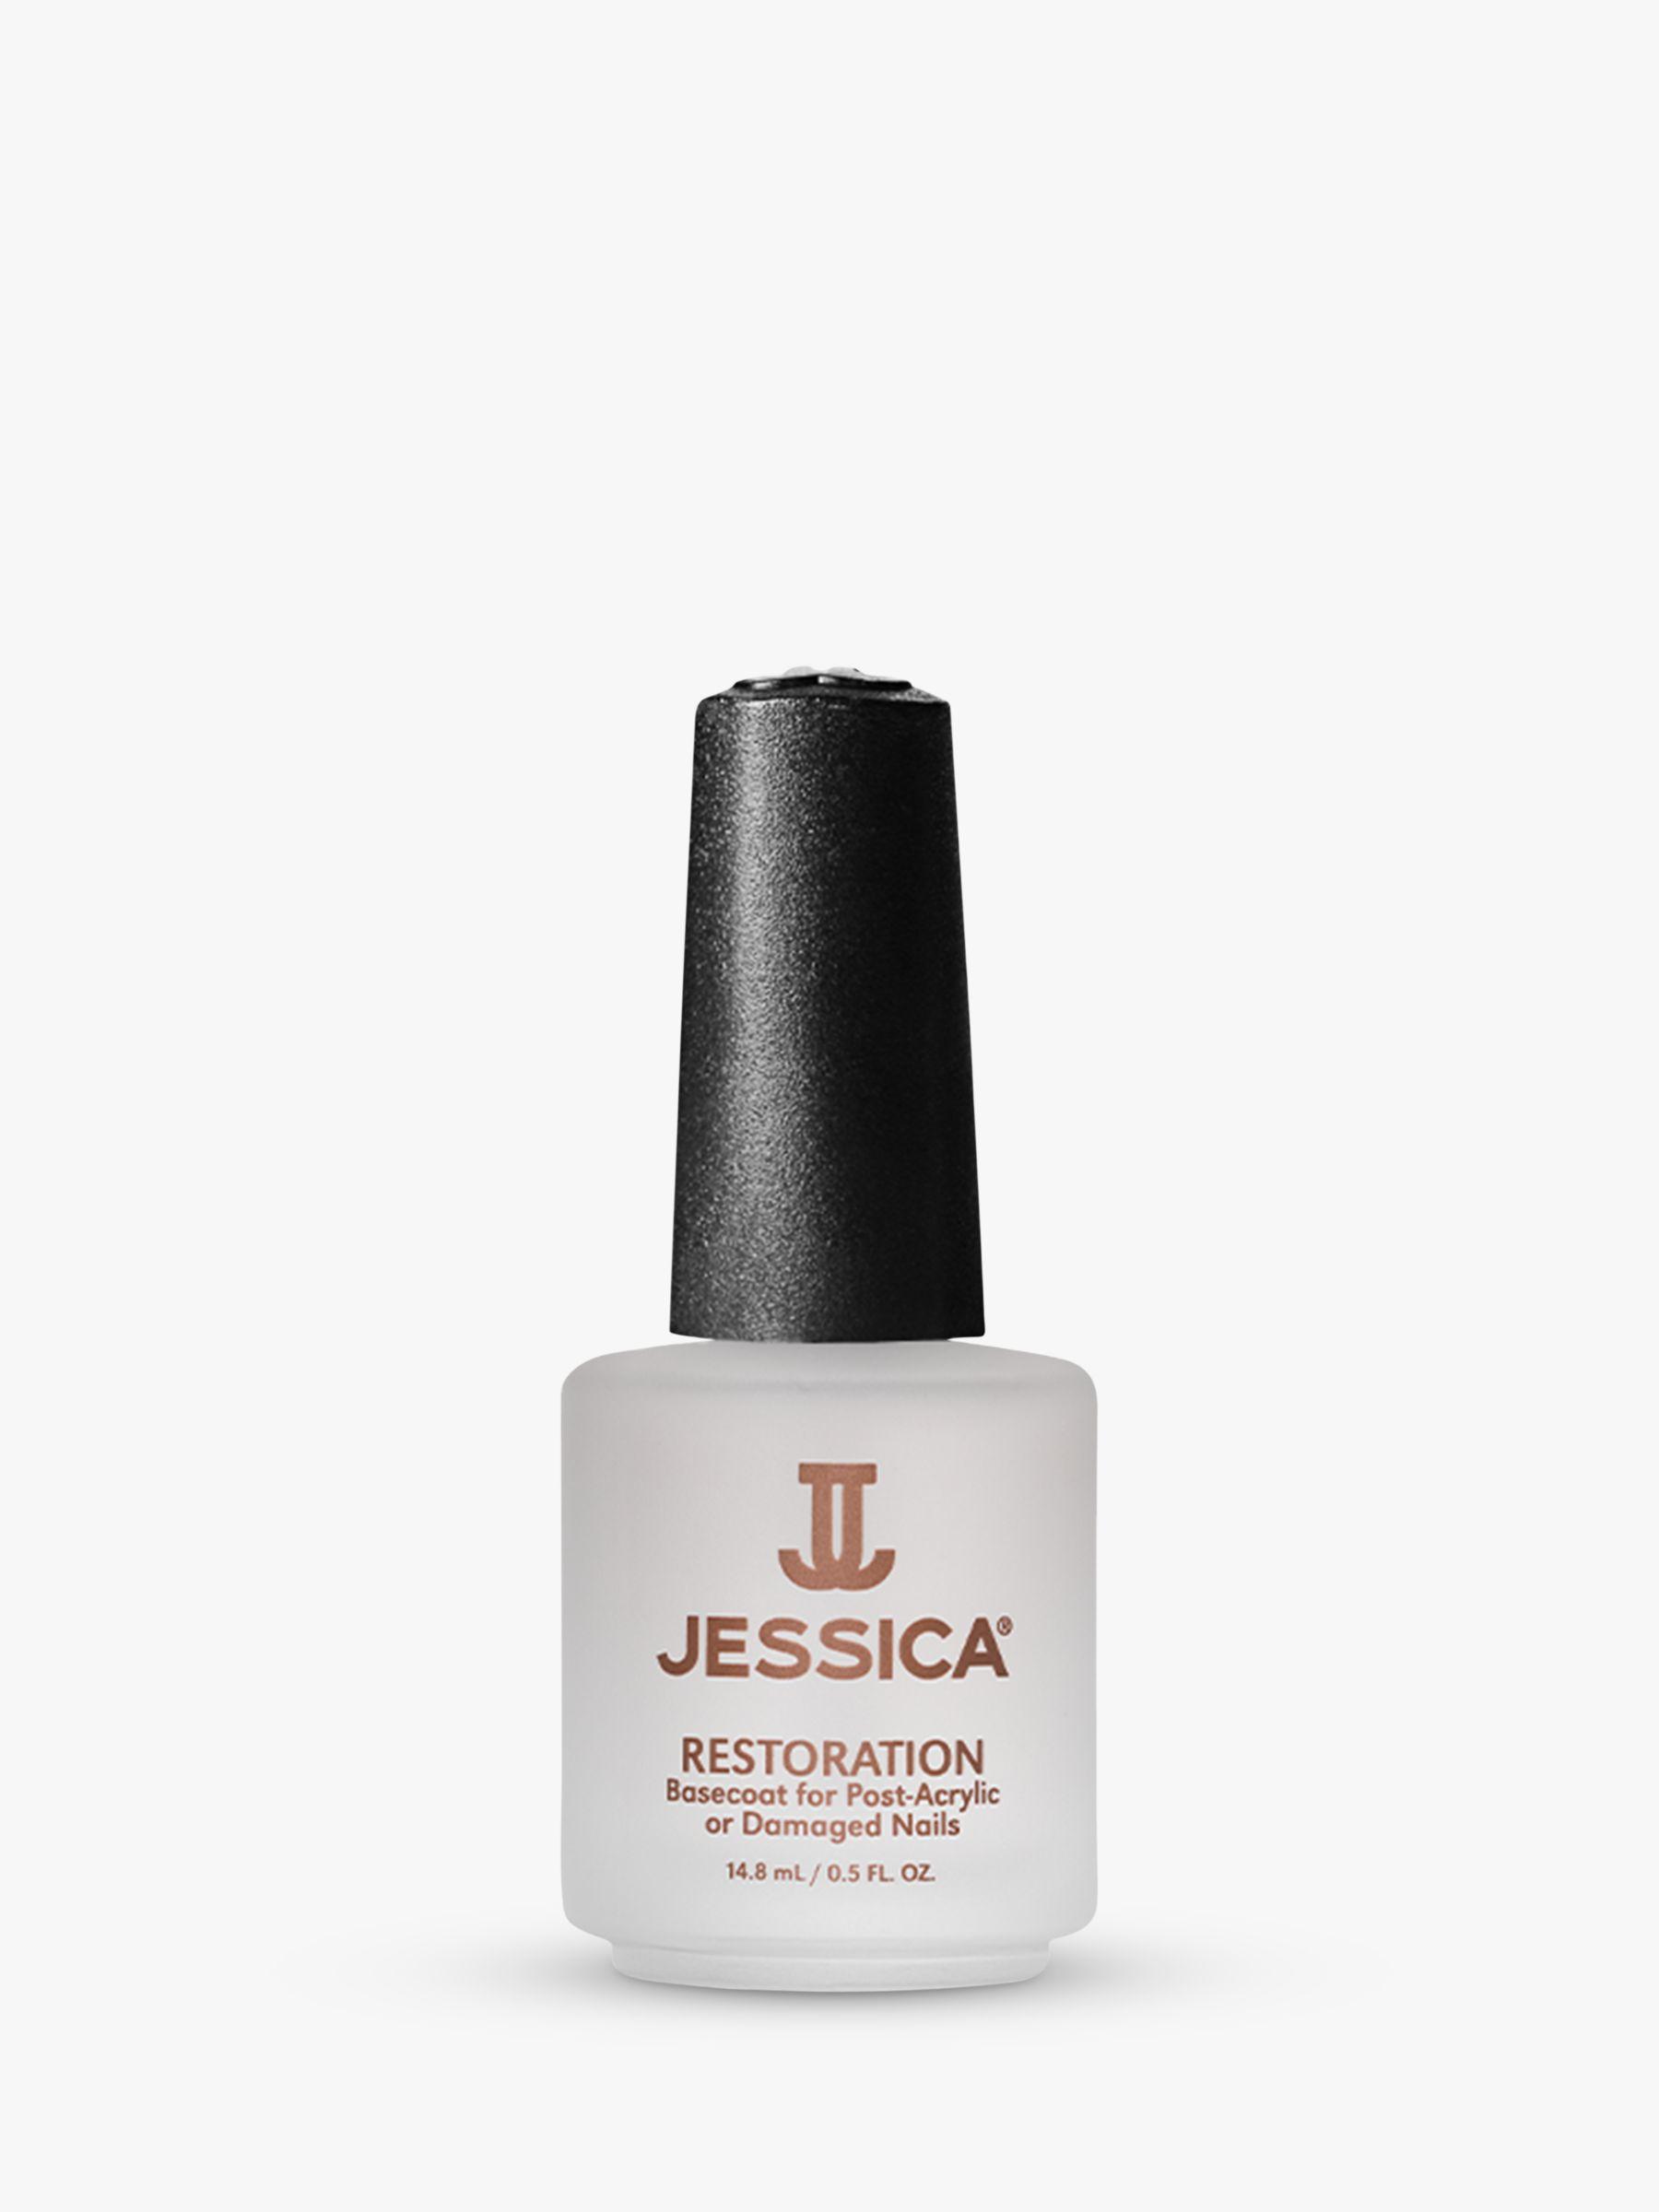 Jessica Jessica Restoration Base Coat, 14.8ml